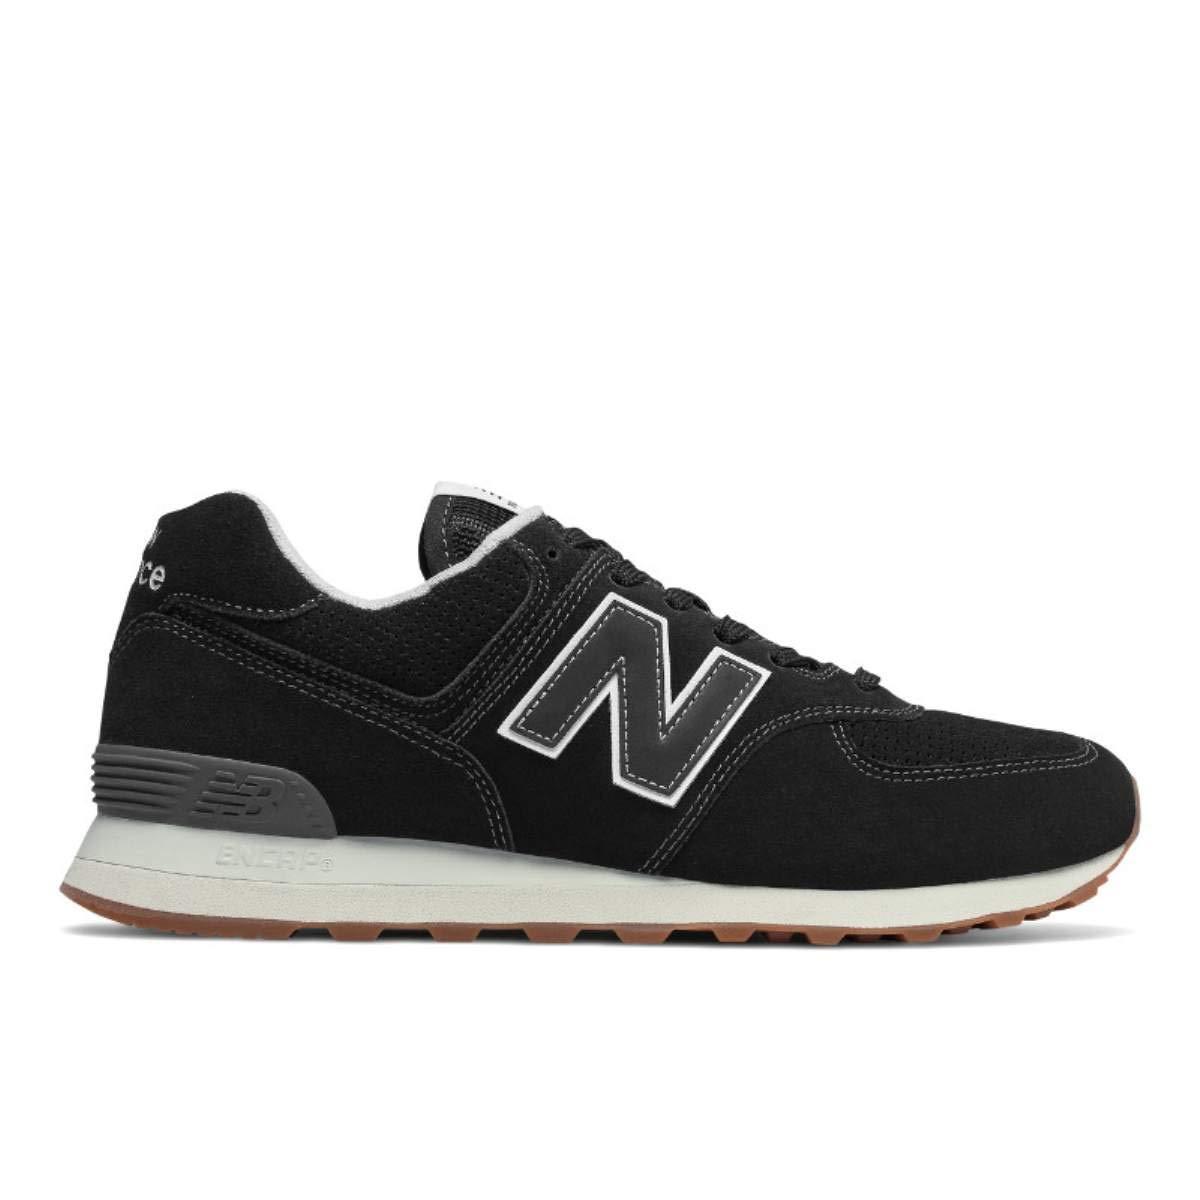 New Balance MS574 Calzado 46.5 EU Ese Black Venta de calzado deportivo de moda en línea